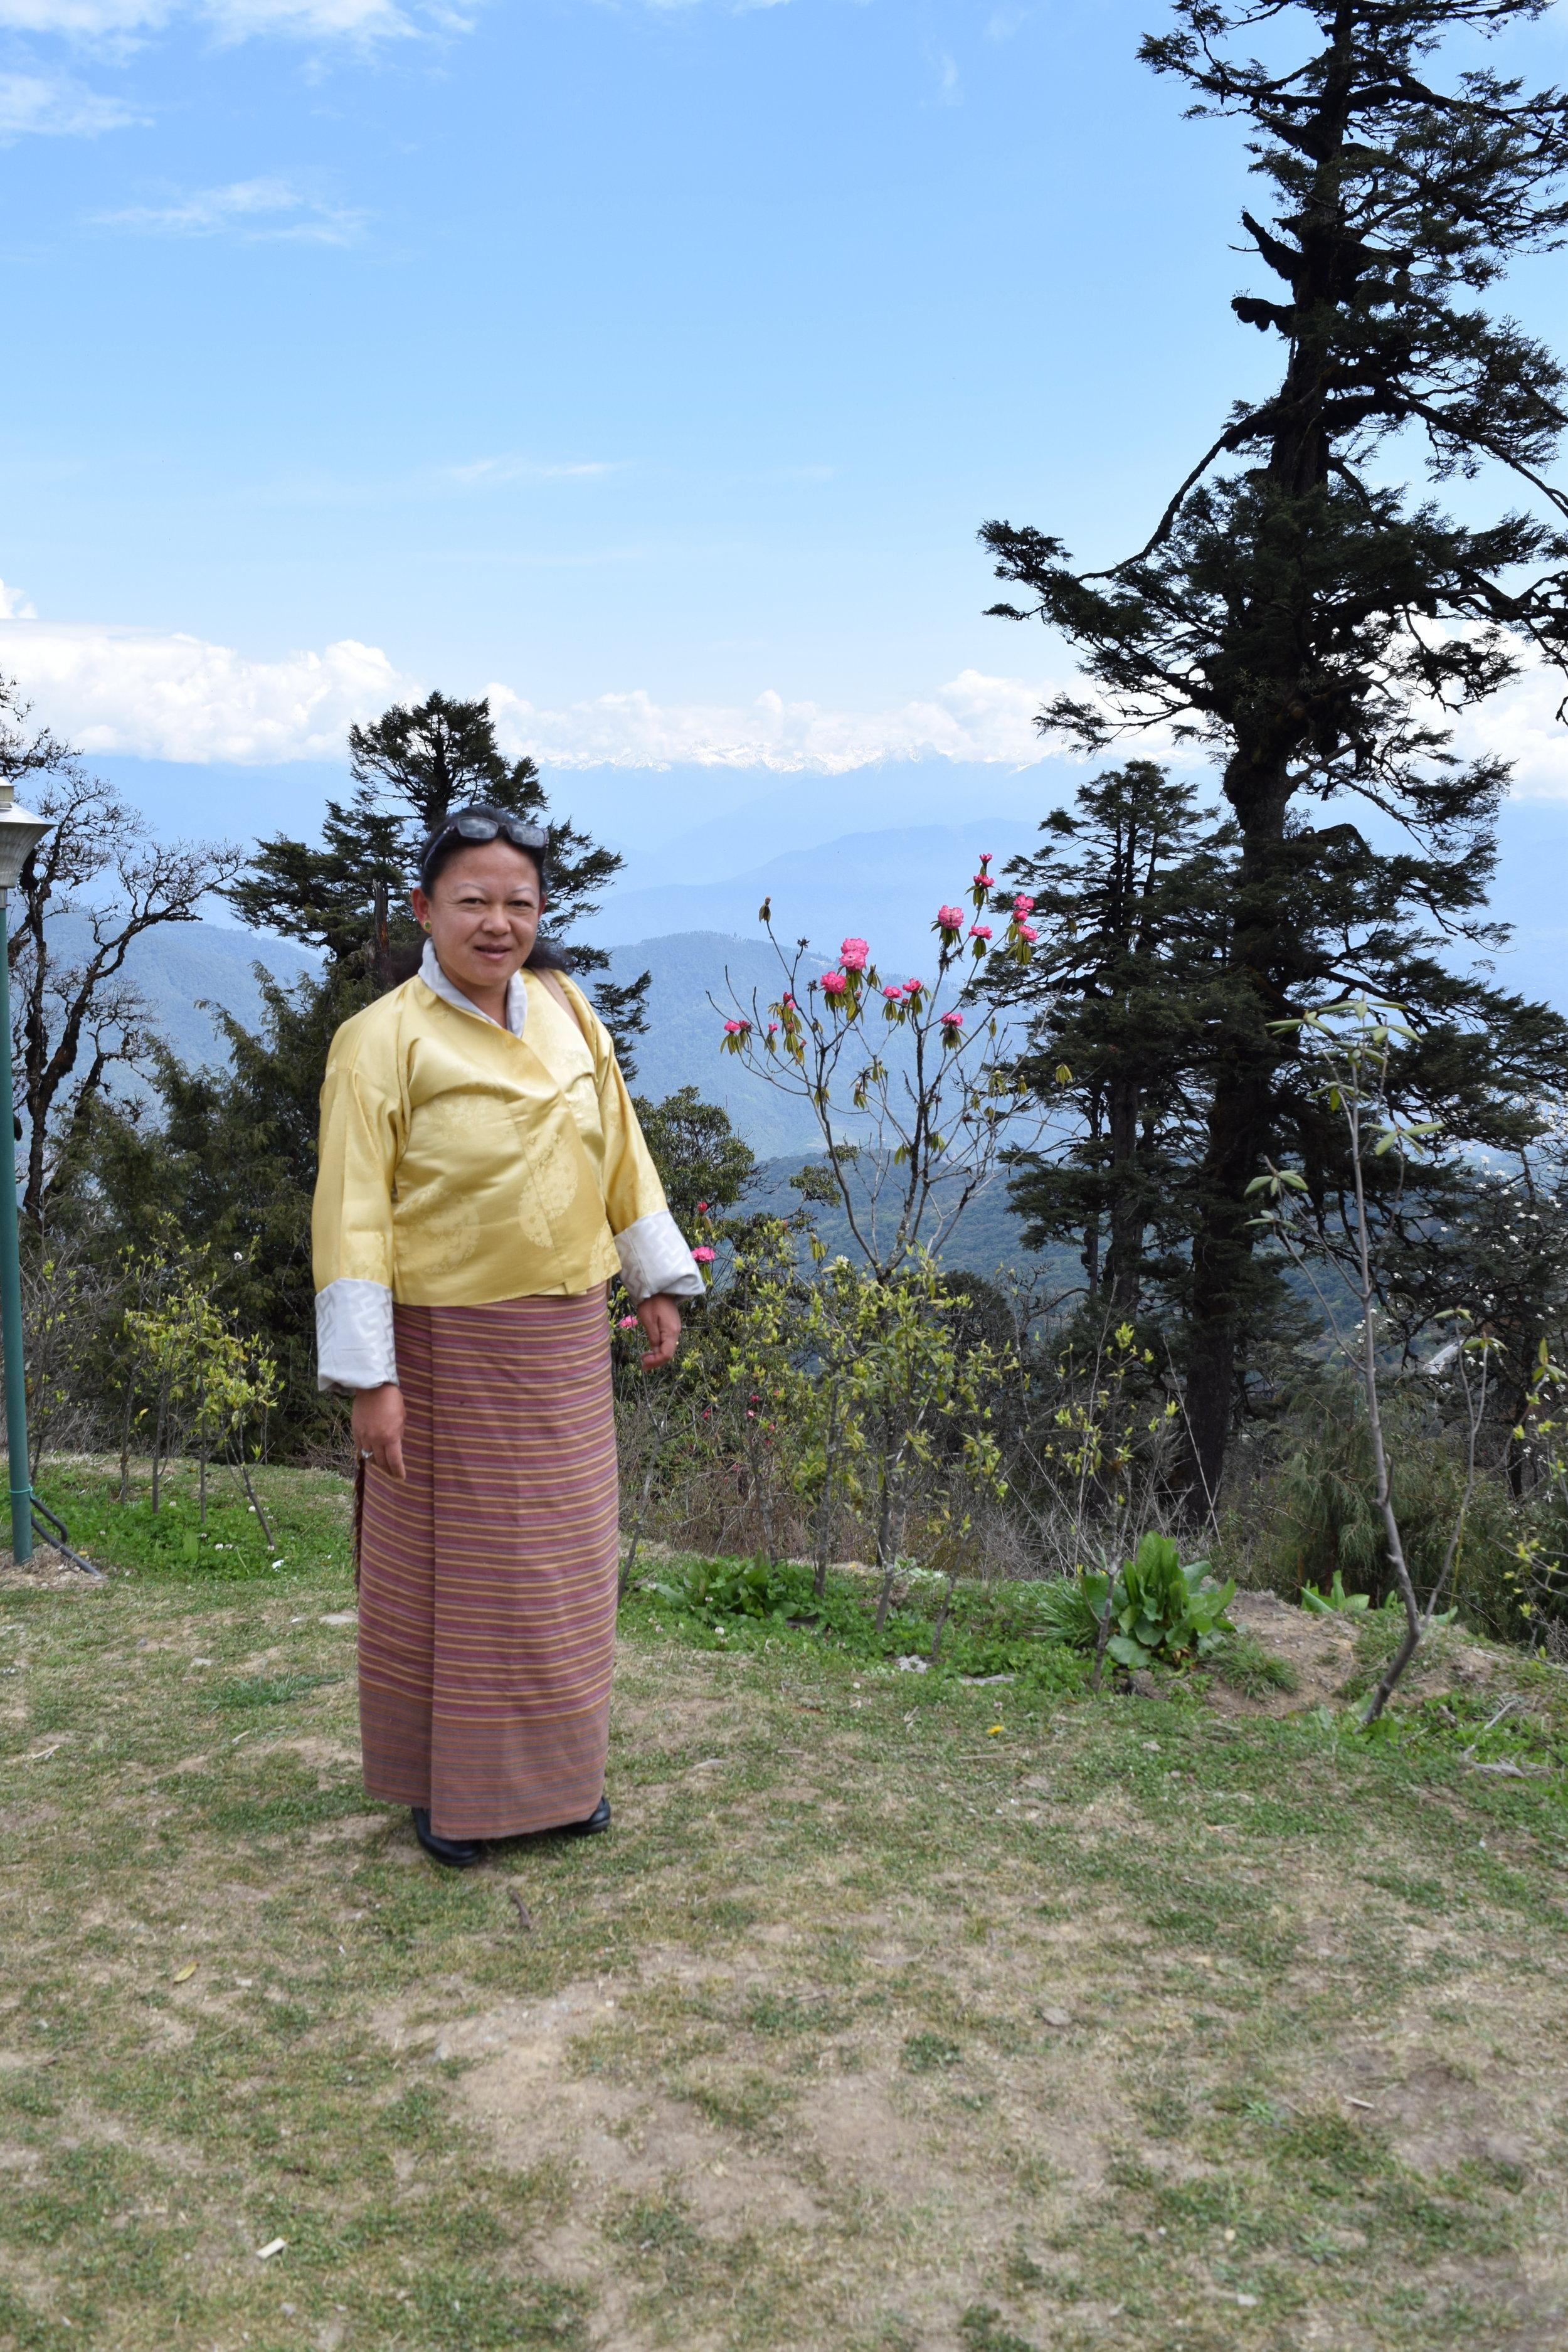 TSHERING CHOKI WANCHUK - BHUTAN'S FIRST FEMALE MOUNTAIN GUIDE